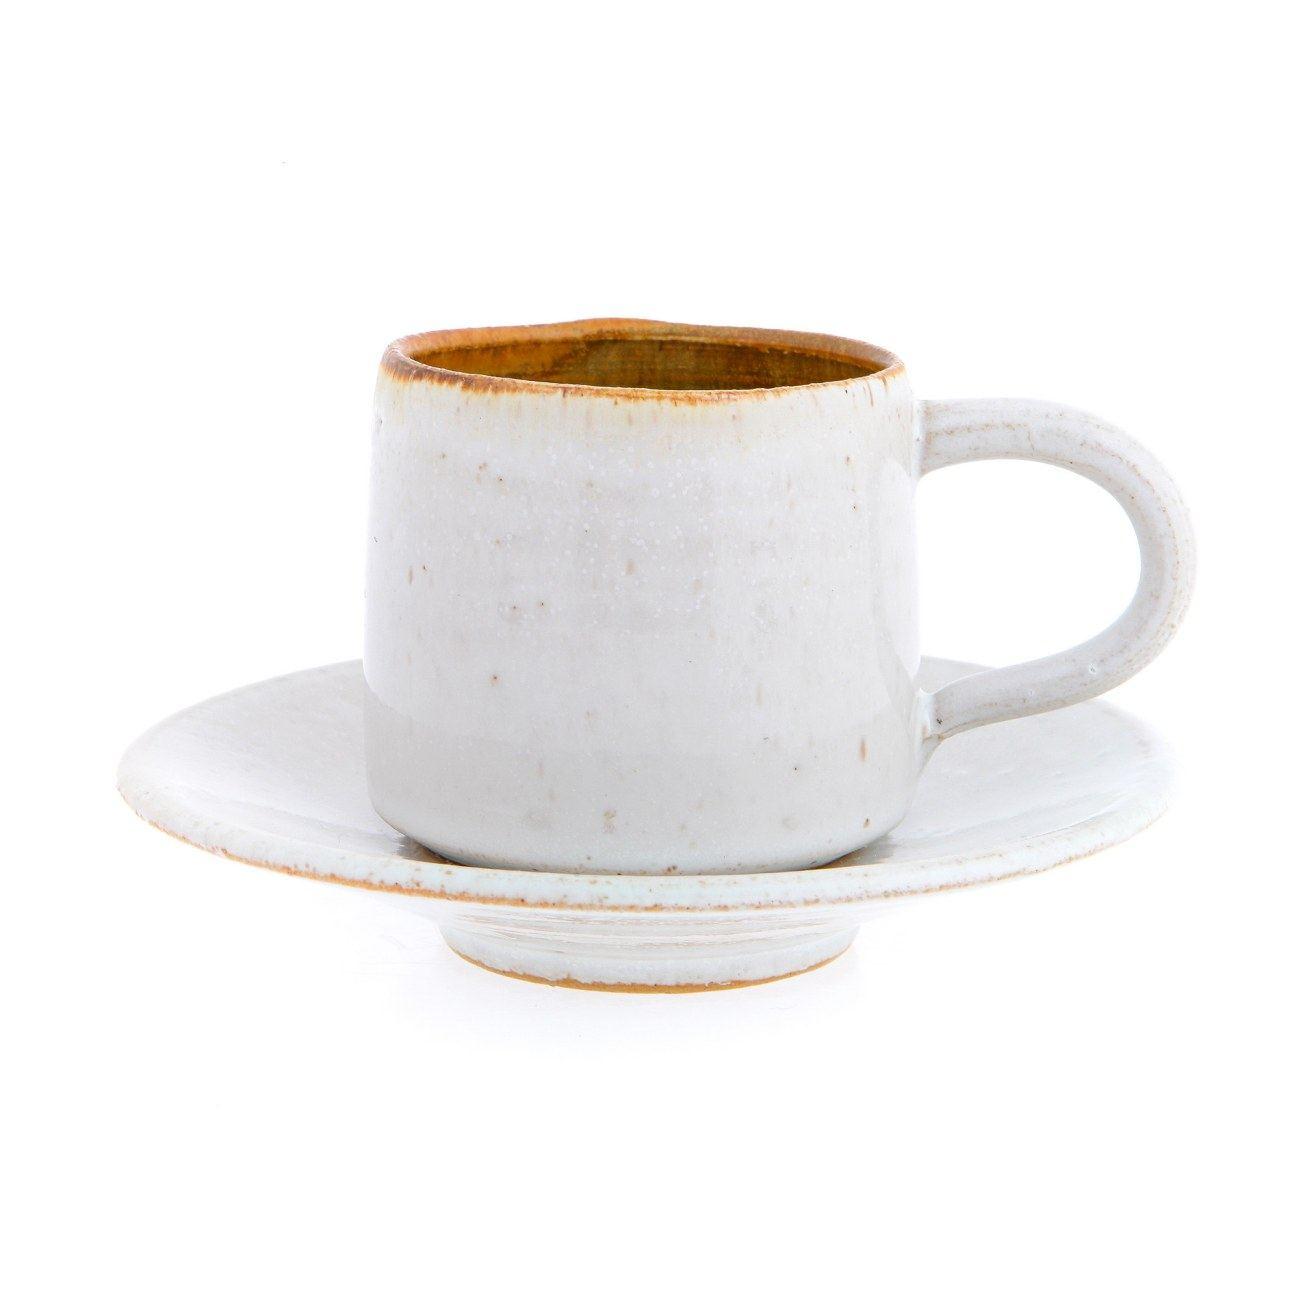 Indulging Saucers Tea Cup Saucer Handmade Brown Tea Or Coffee Cup Tea Or Coffee Cup Saucer Handmade Tea Cups furniture Modern Tea Cup